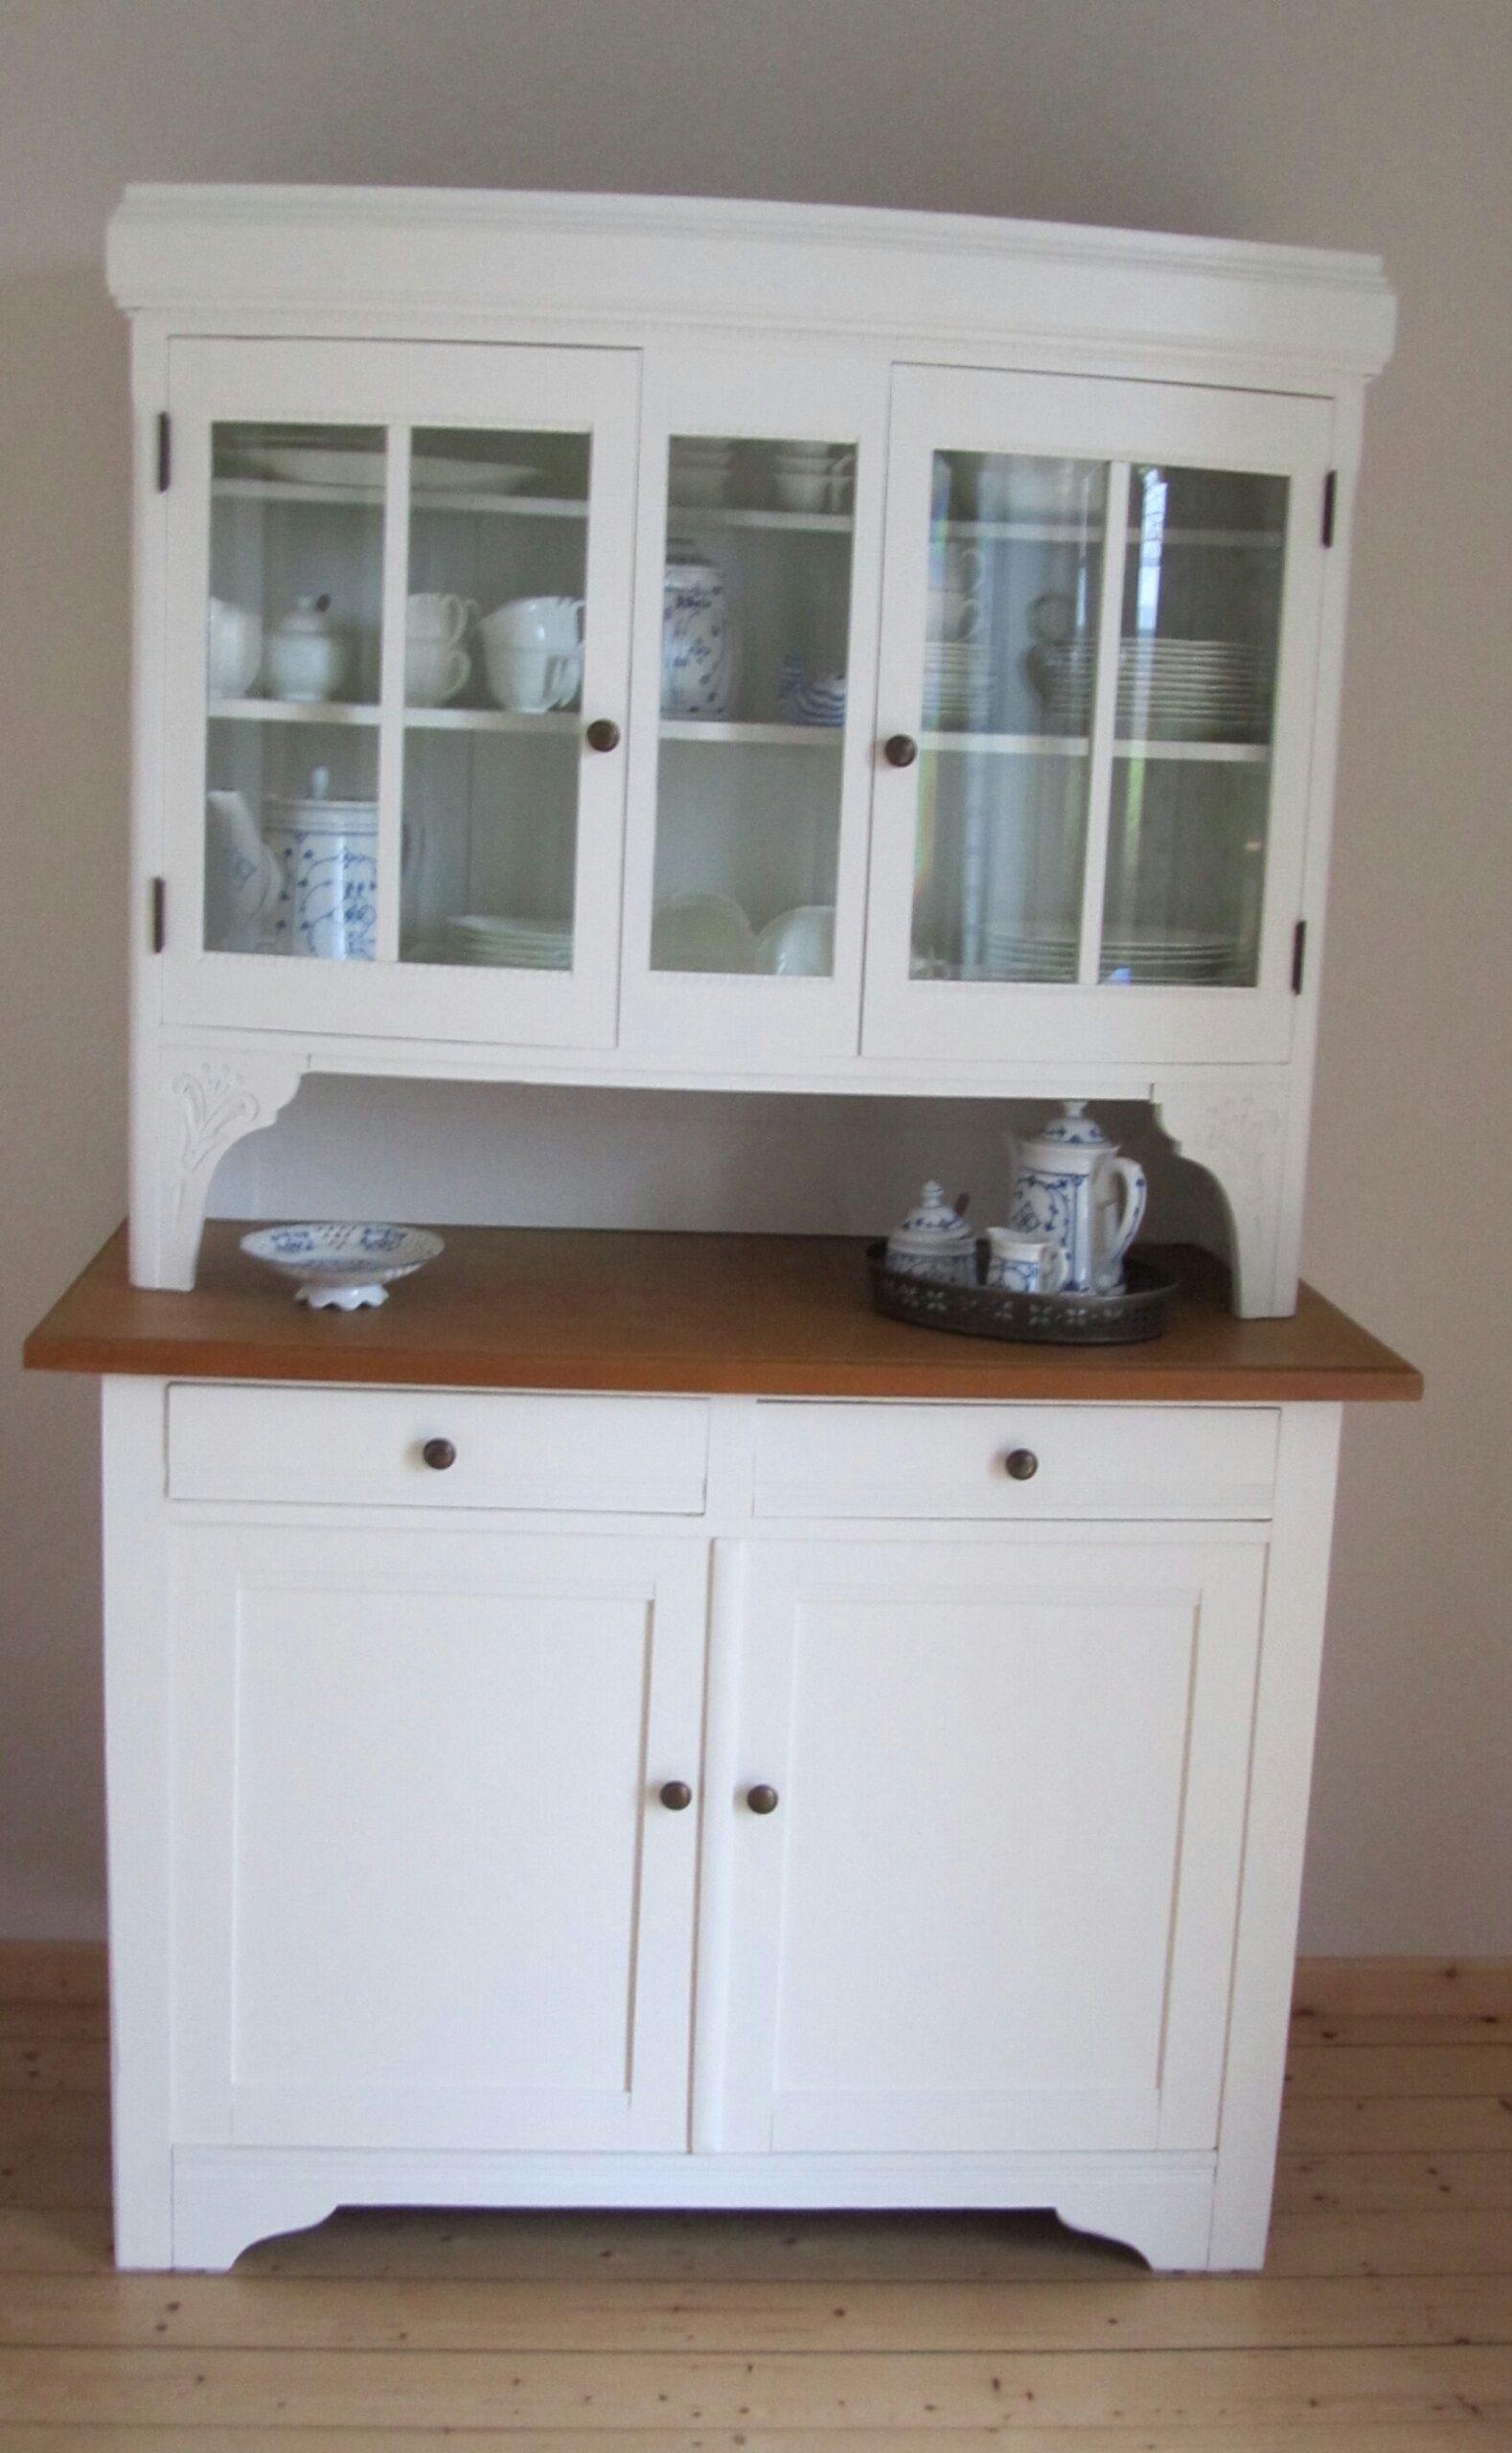 Full Size of Küchenmöbel Kchenmbel Online Ein Blog Mit Deko Nhen Patchwork Basteln Wohnzimmer Küchenmöbel